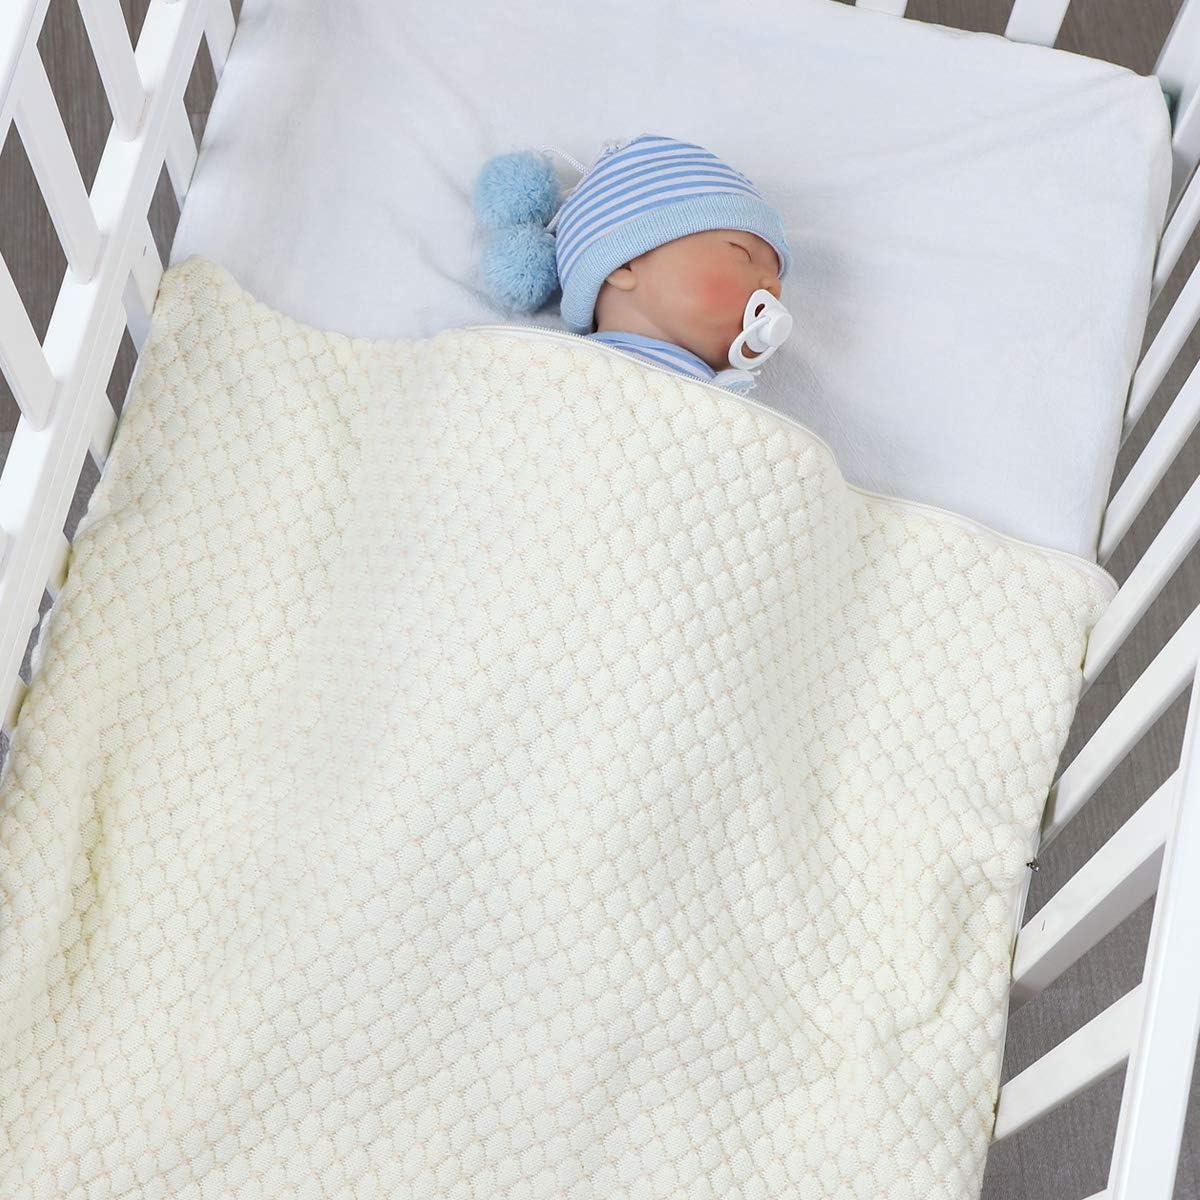 multifunci/ón Borlai de 0 a 12 meses Saco de dormir para beb/é manta para cochecito de beb/é reci/én nacido beige beige